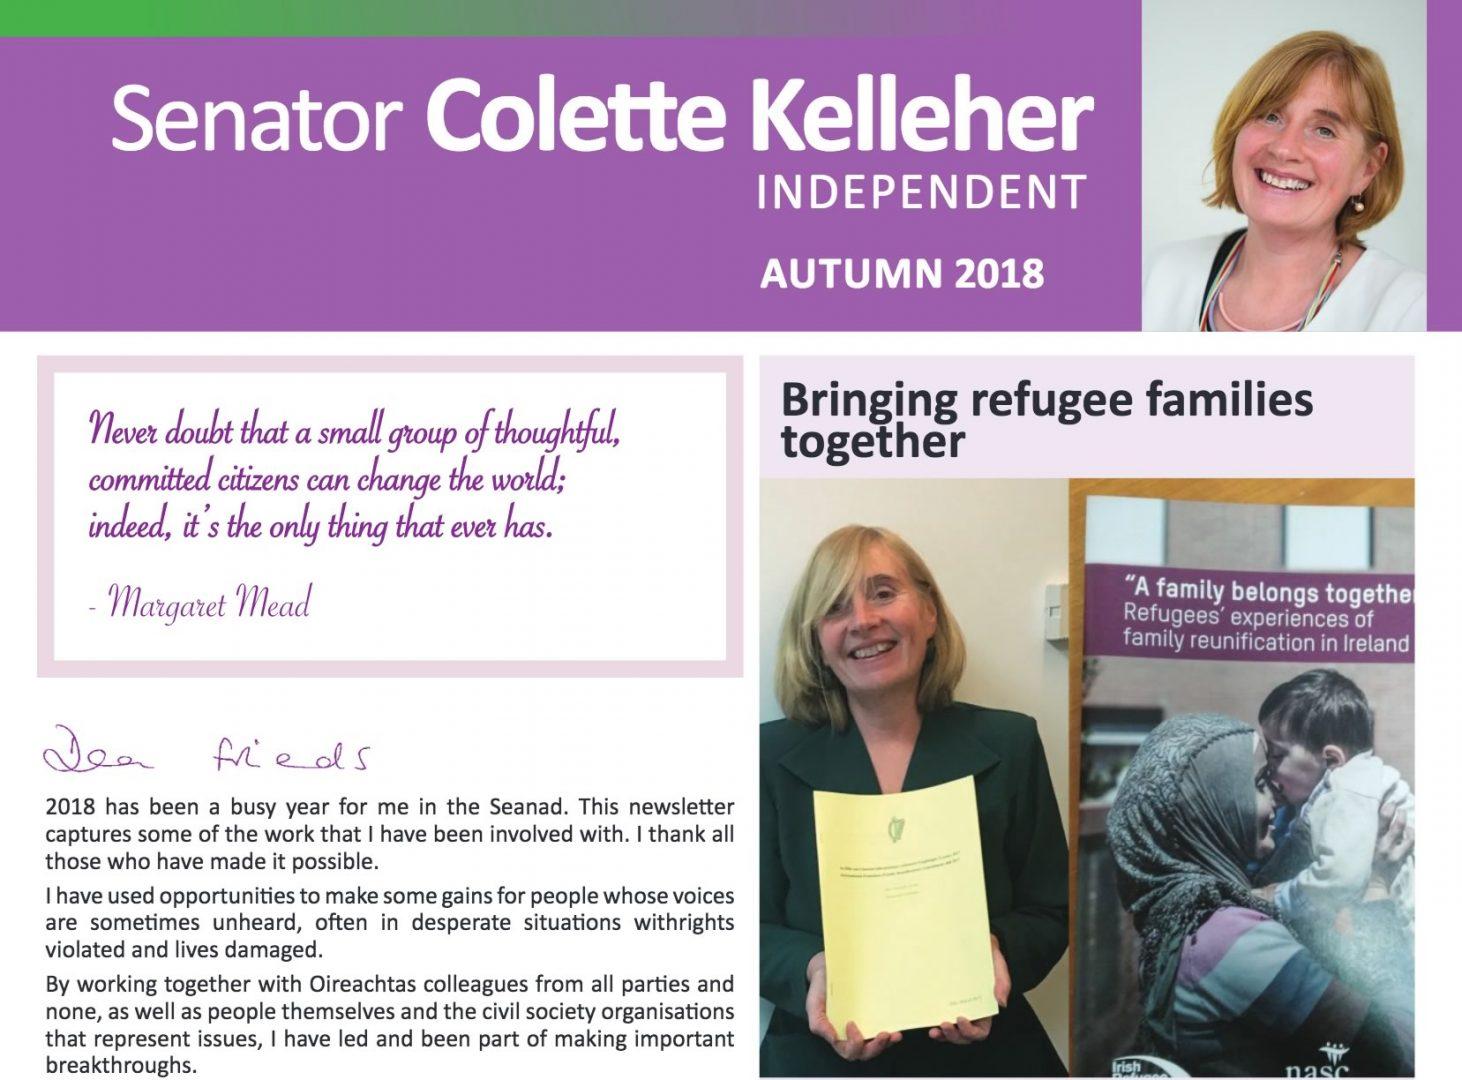 Colette Kelleher's Autumn 2018 Newsletter